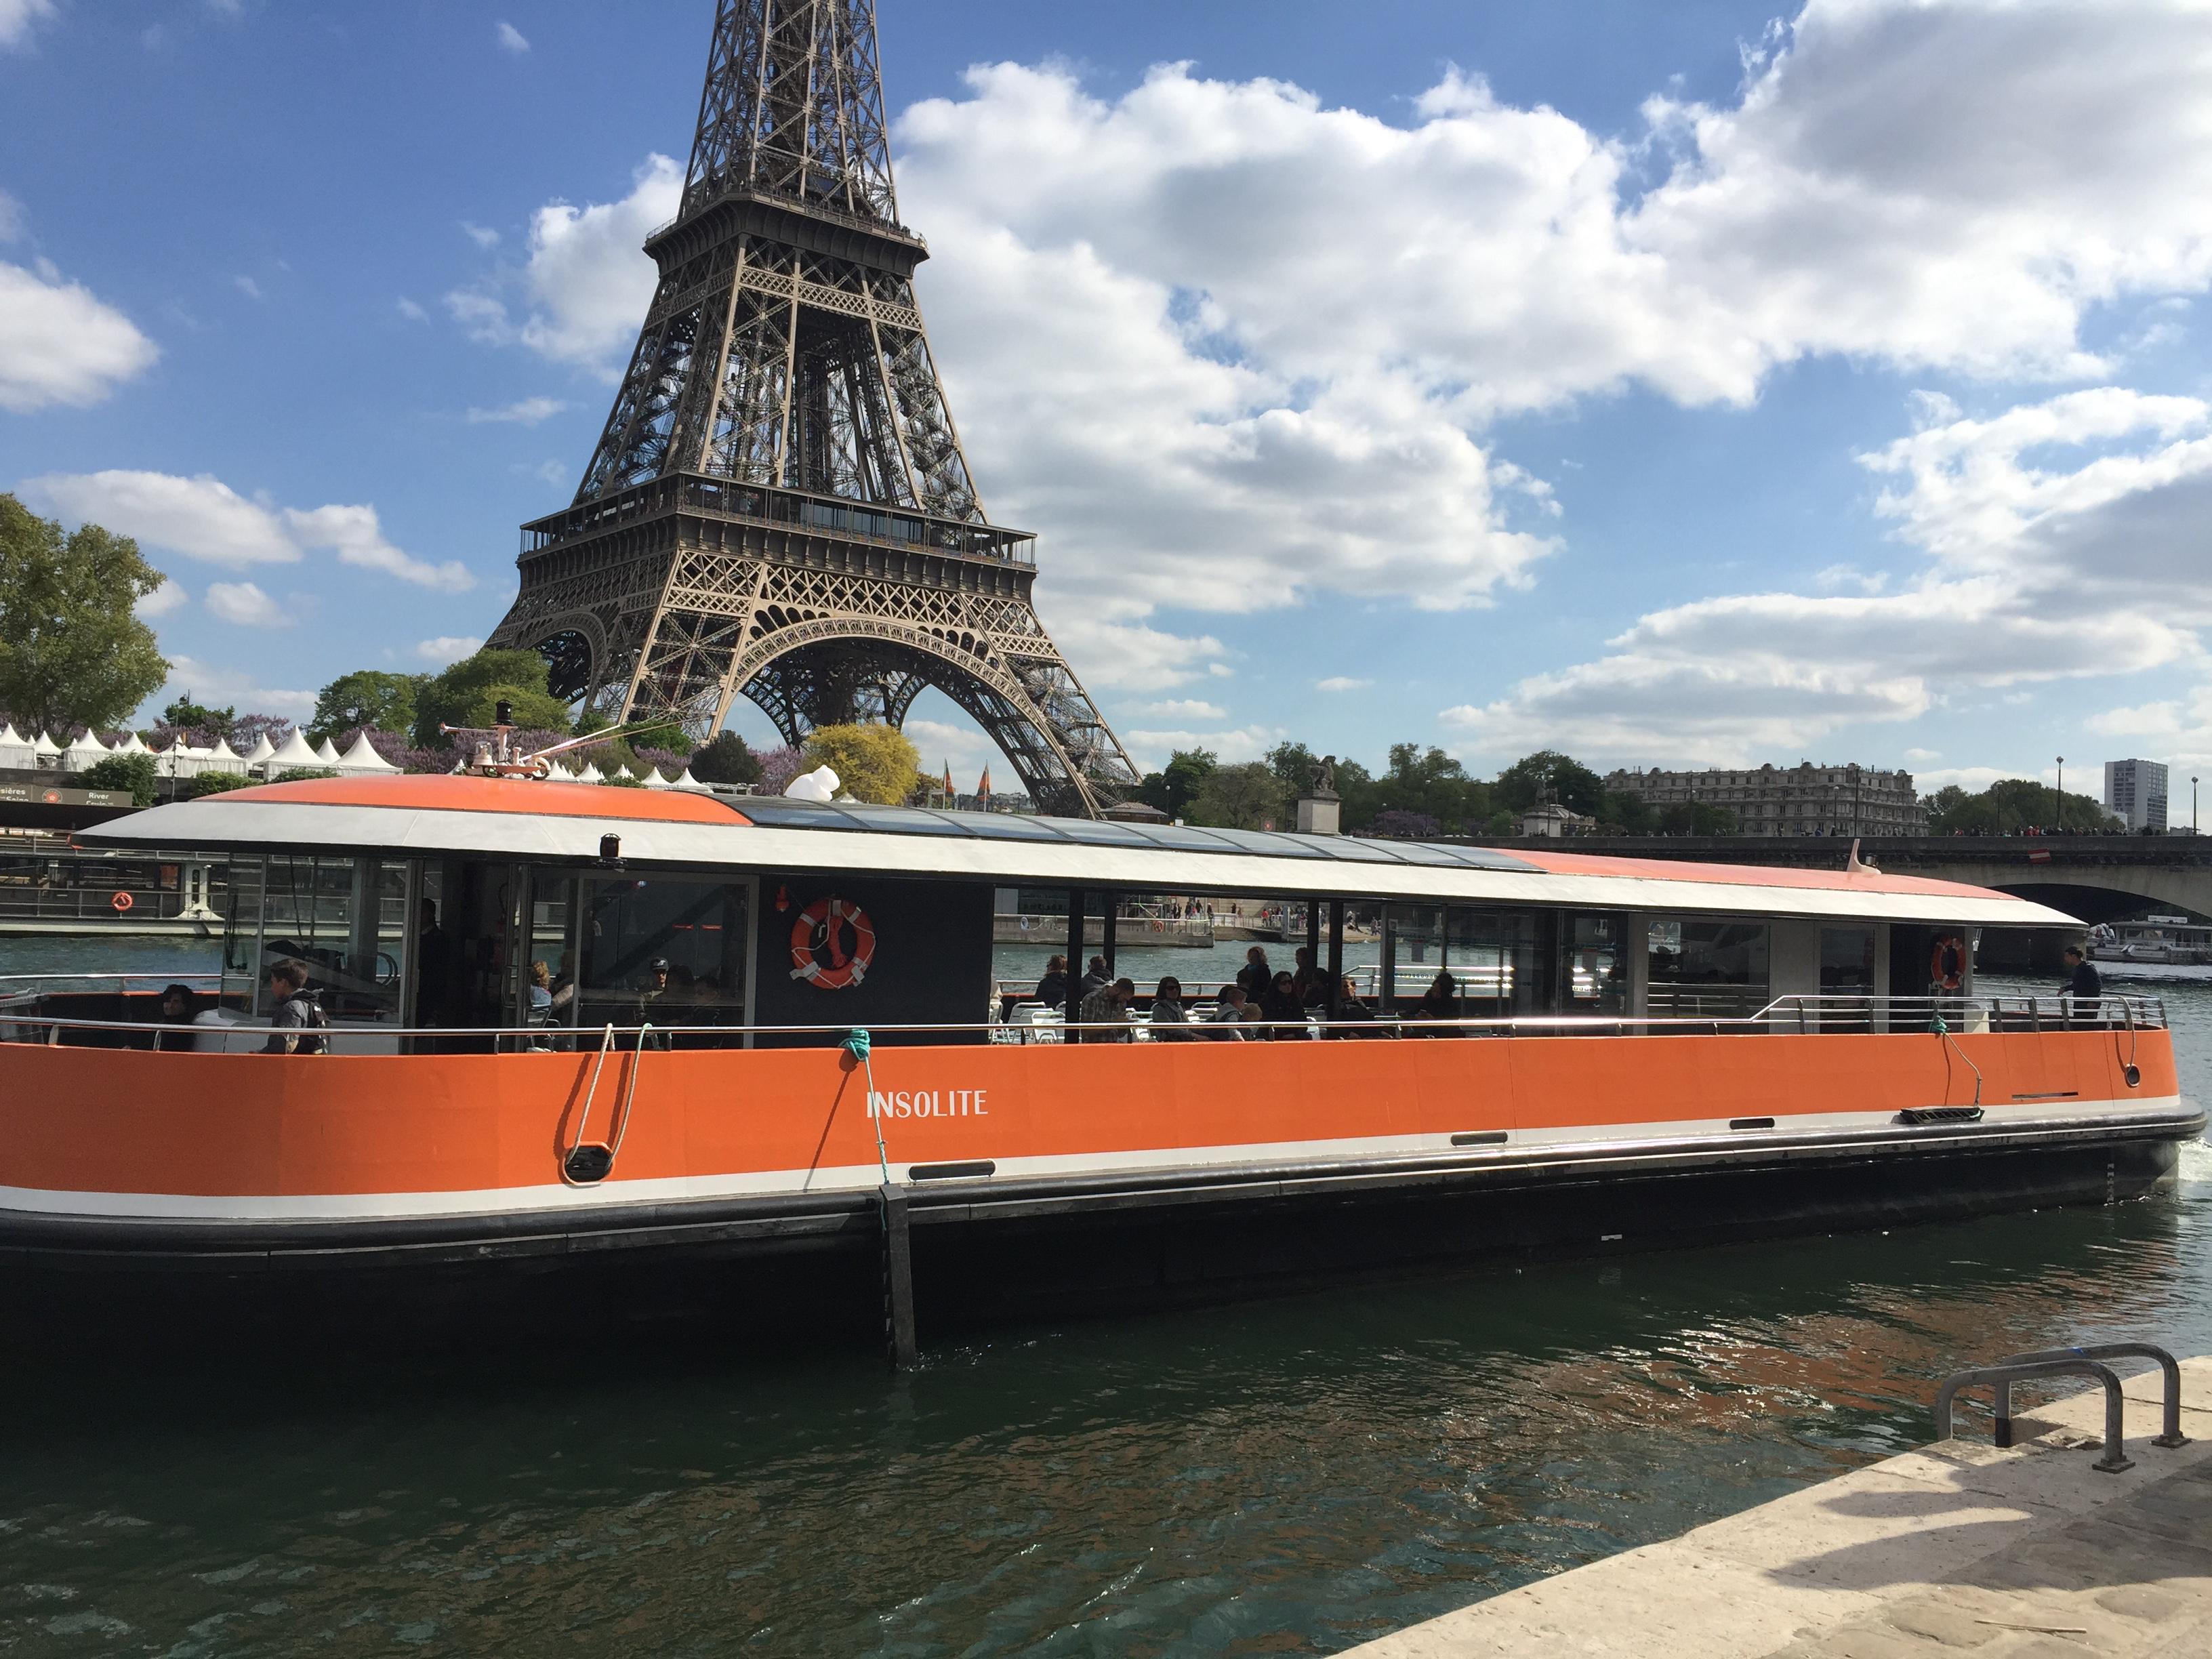 Croisiere-promenade-sightseeing-cruise-bateau- boat-visit-paris-centre-navigation-Insolite-tour-eiffel-tower